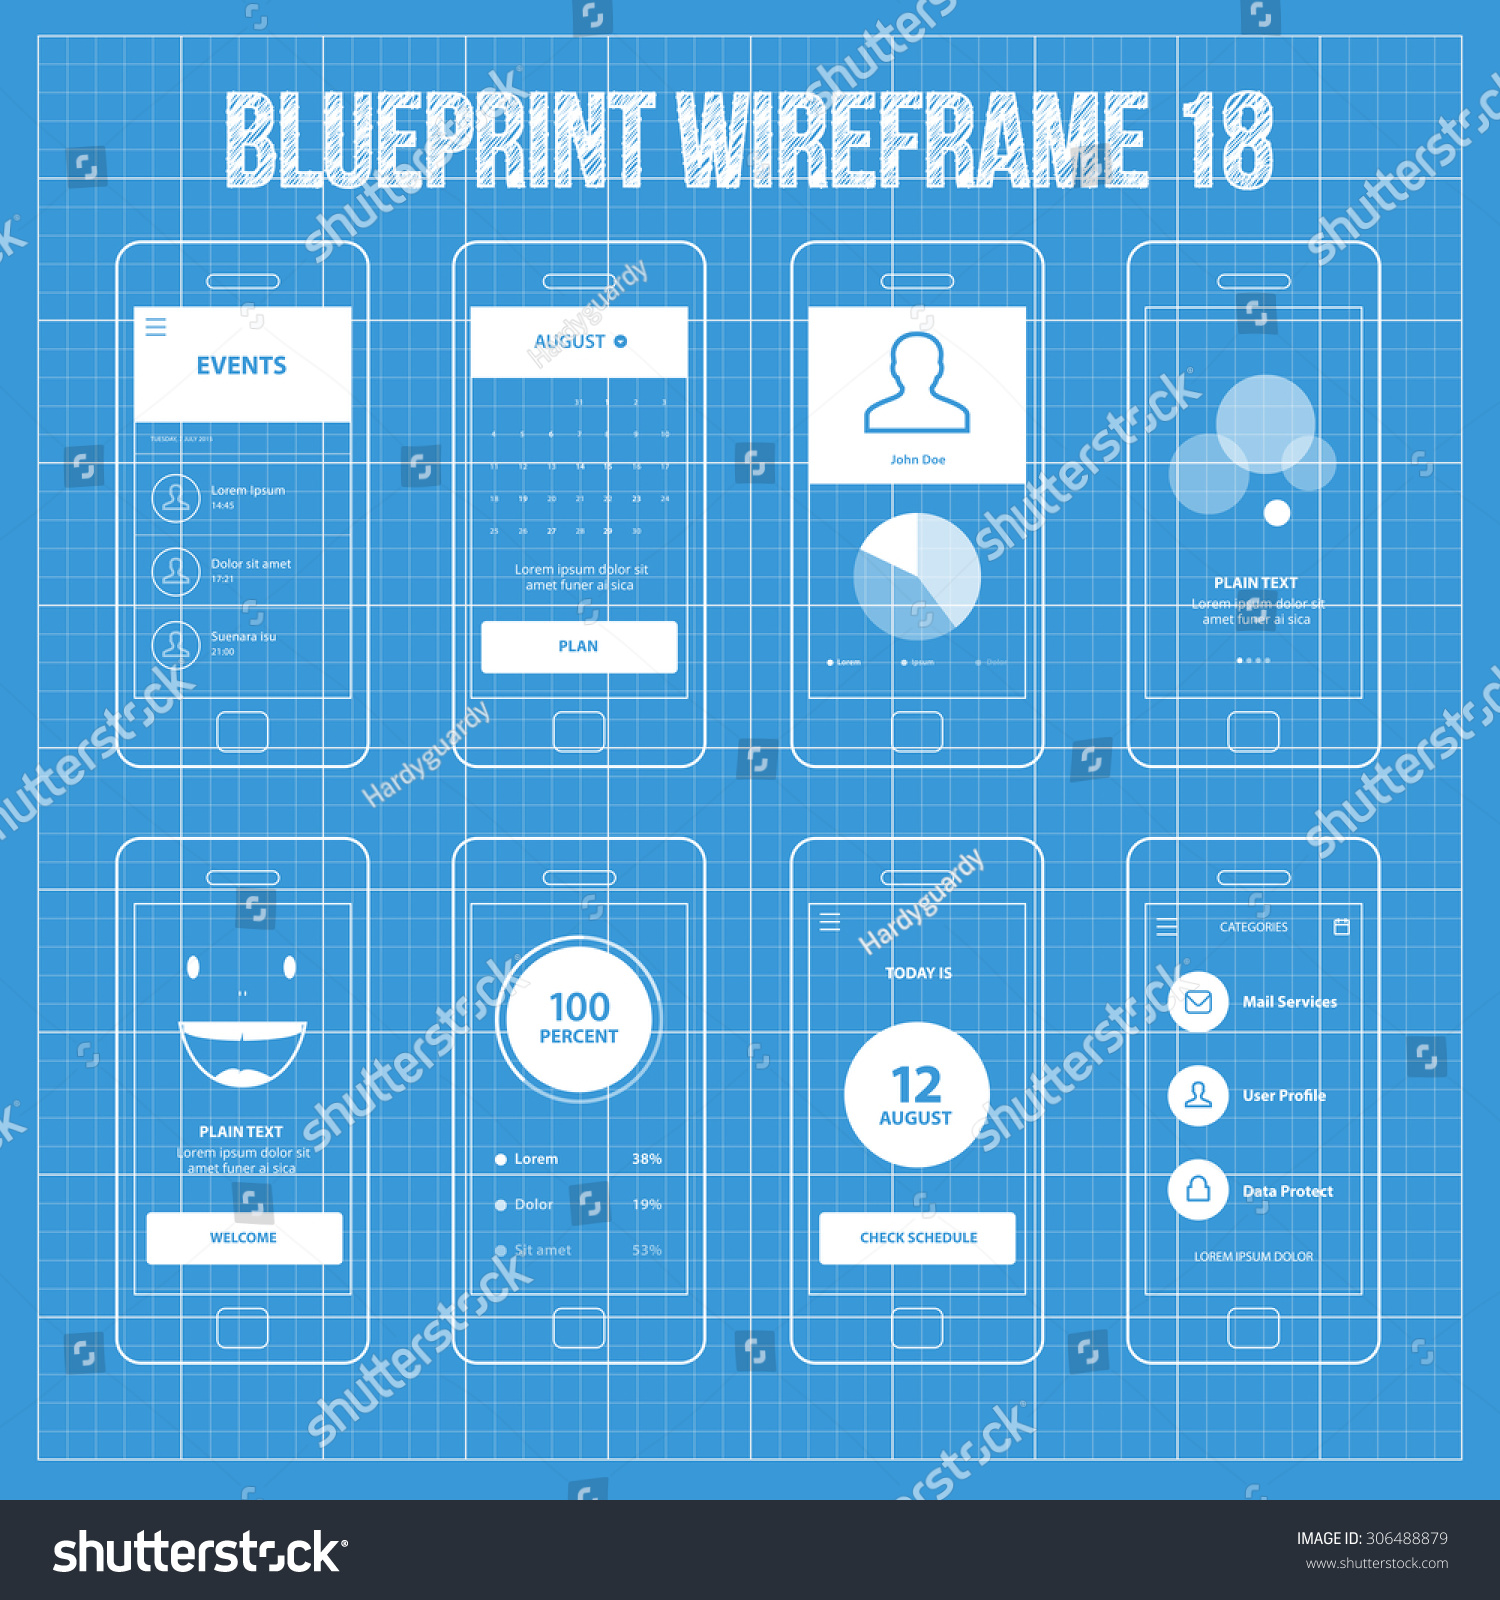 Mobile app blueprint wireframe ui kit stock vector for App for blueprints